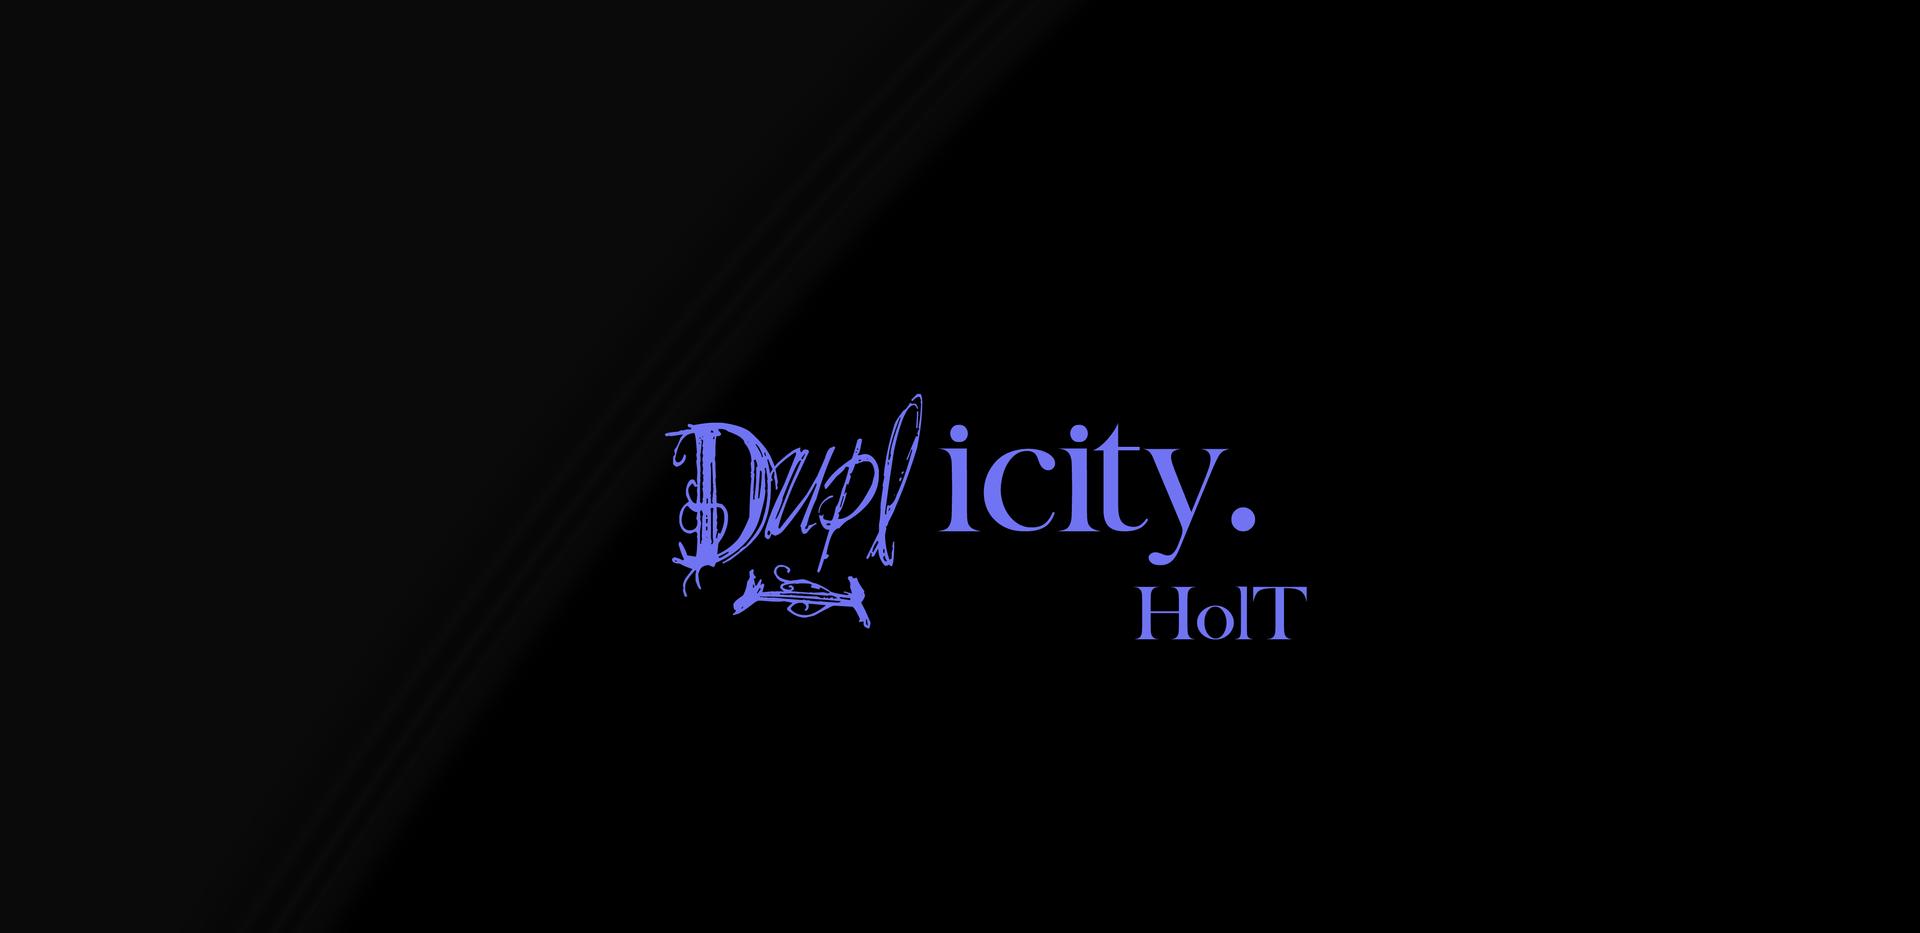 HolT- Duplicity